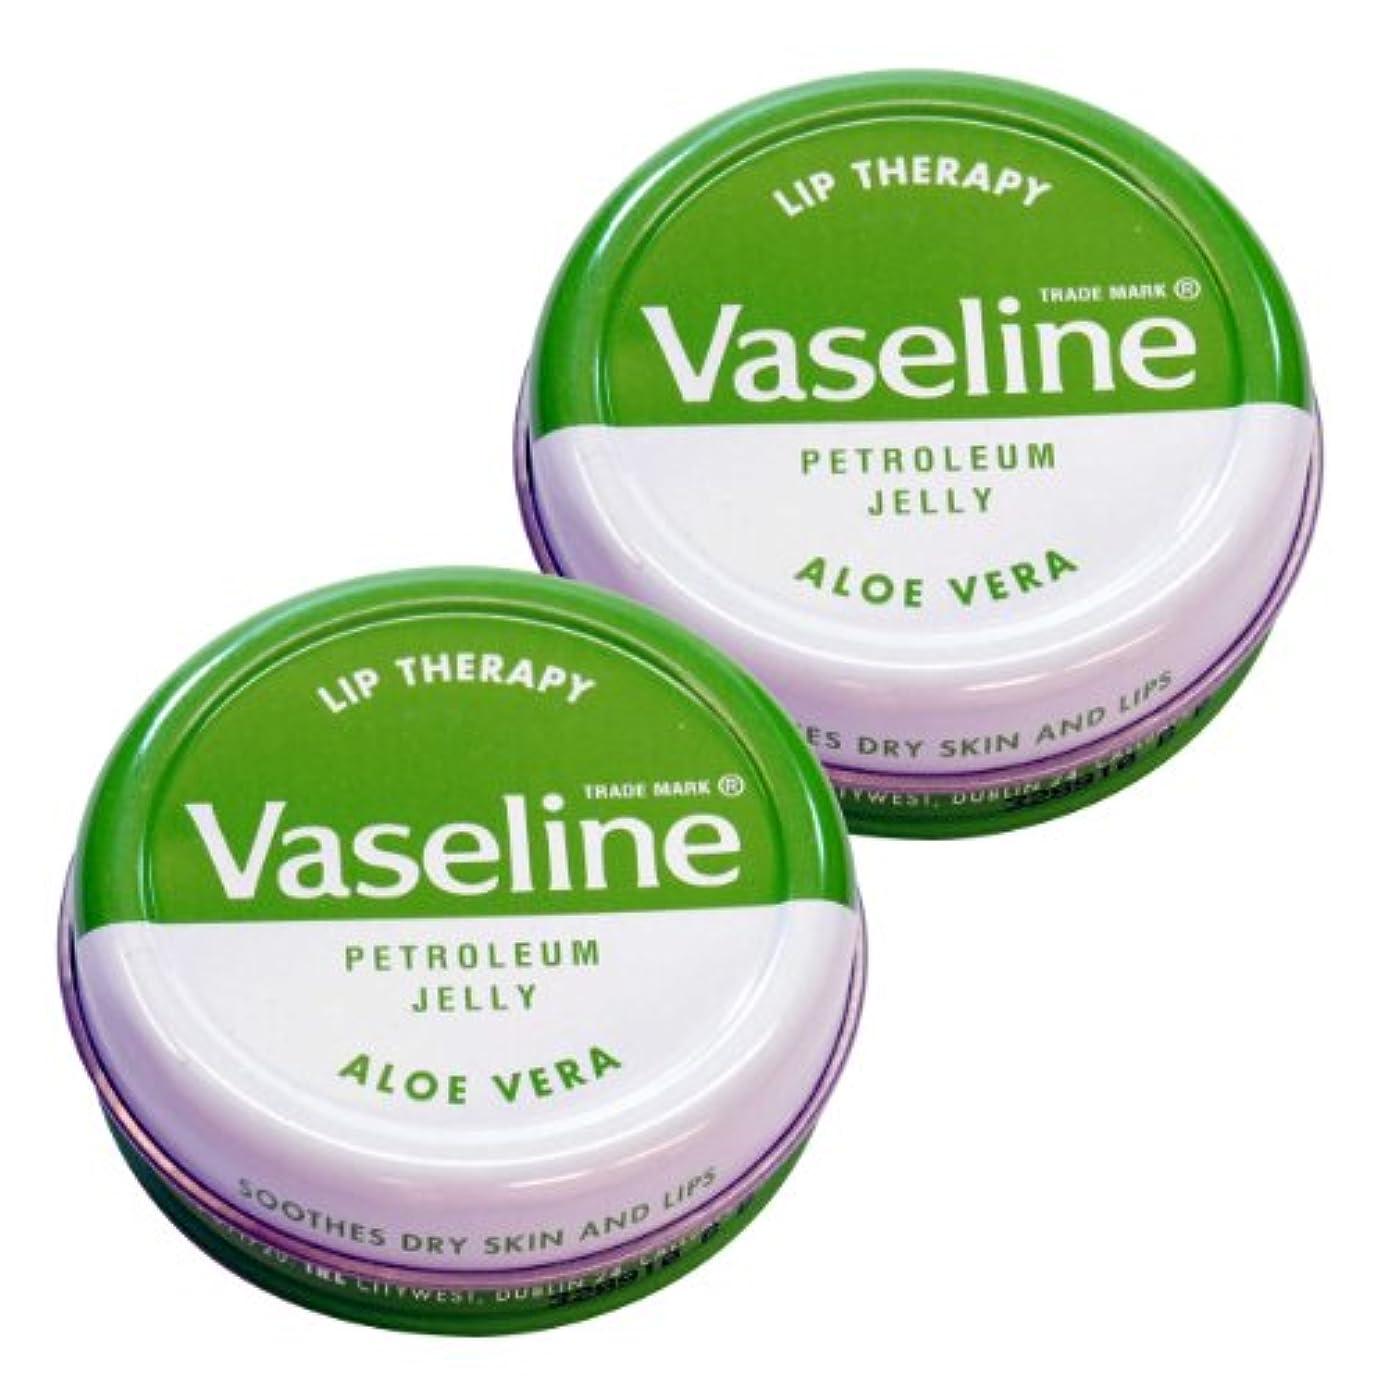 クールしないでください血まみれのVaseline Lip Therapy <ヴァセリン リップセラピー> 20g Aloe <アロエ> 2個セット 【並行輸入品】【海外直送品】